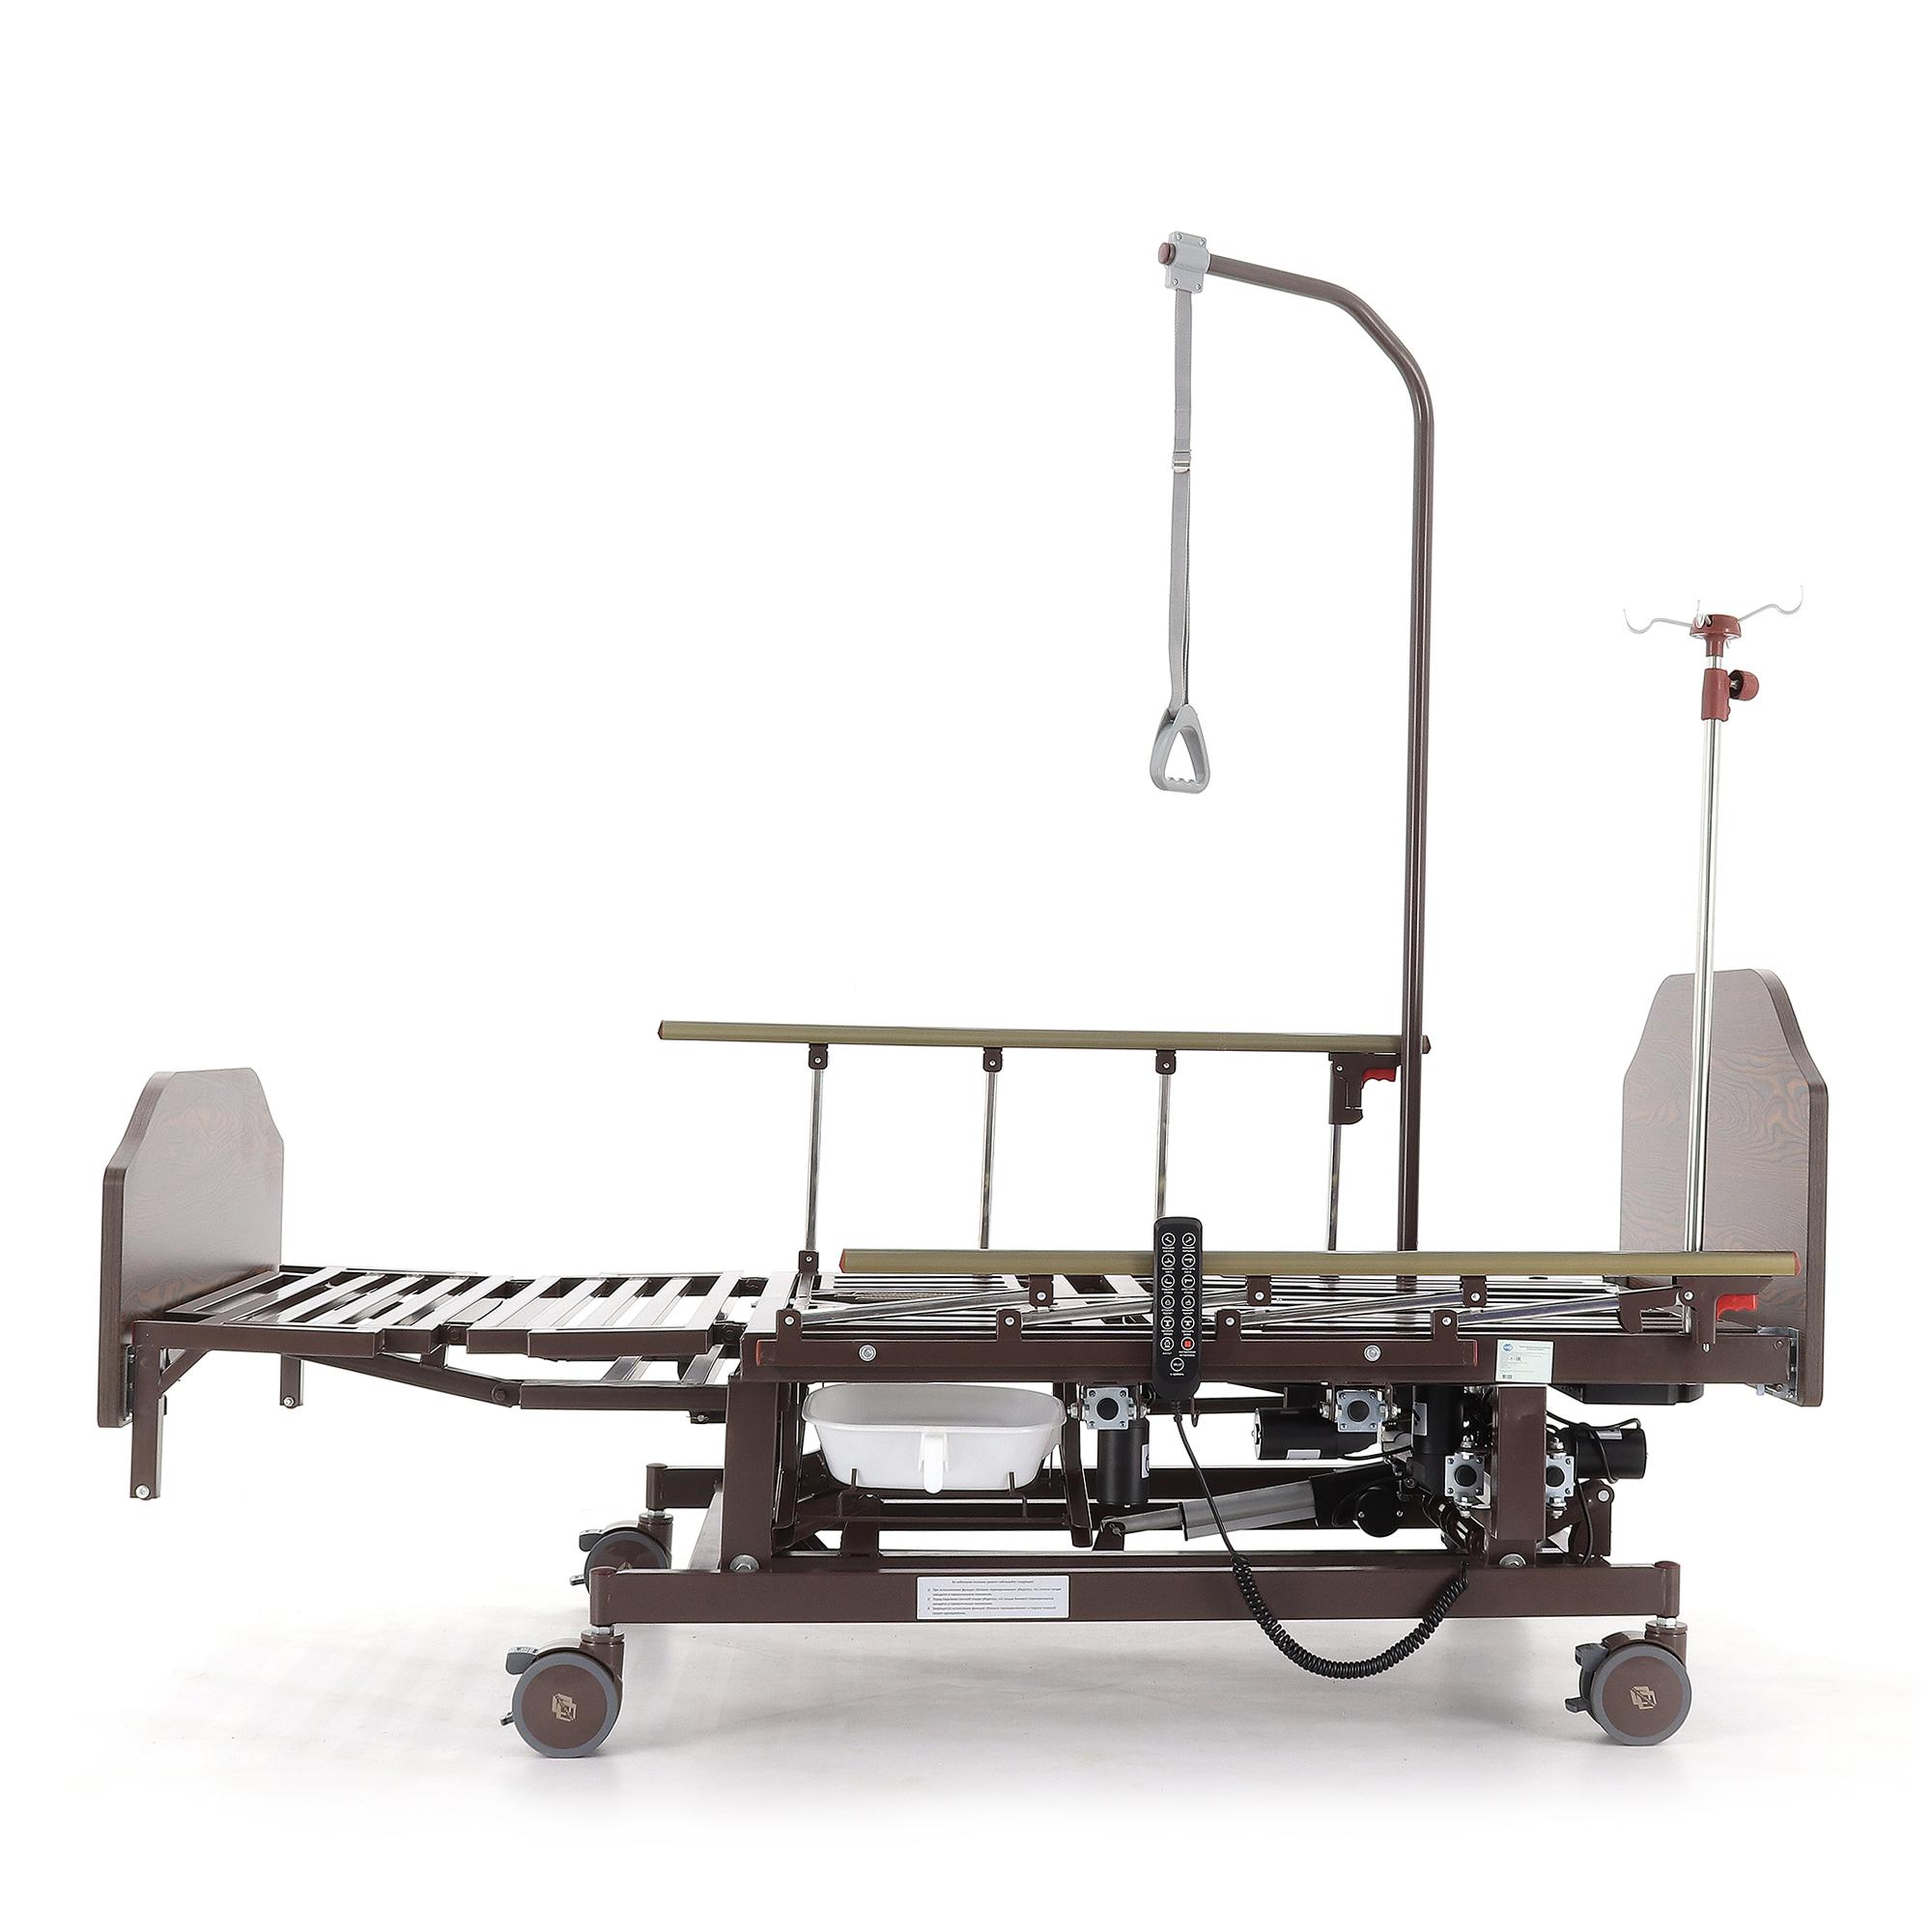 Кровать электрическая Med-Mos DB-11А (МЕ-5228Н-12) с боковым переворачиванием, туалетным устройством и функцией «кардиокресло»